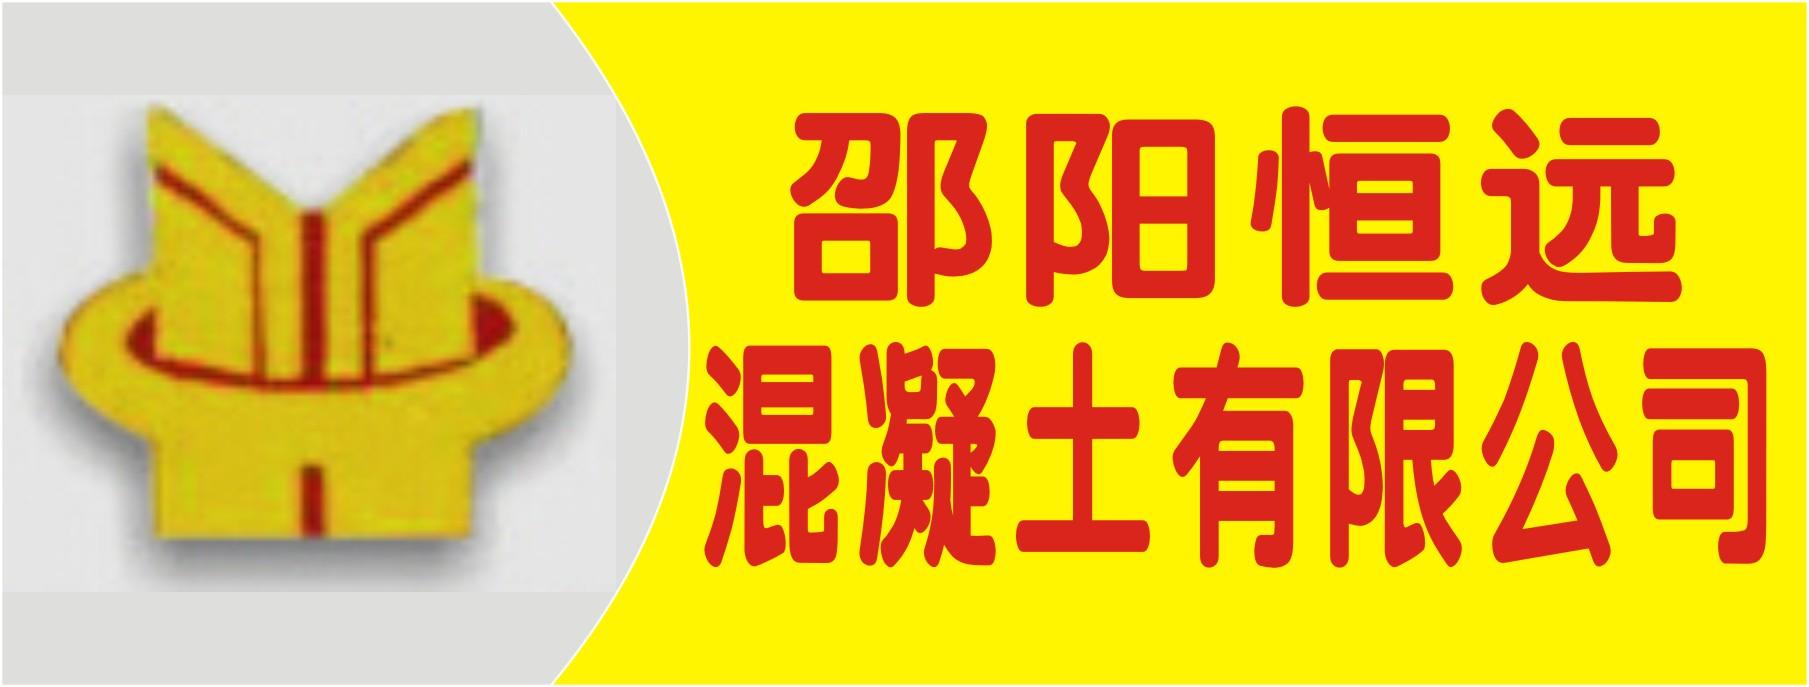 邵阳恒远混凝土有限公司-邵阳人才网